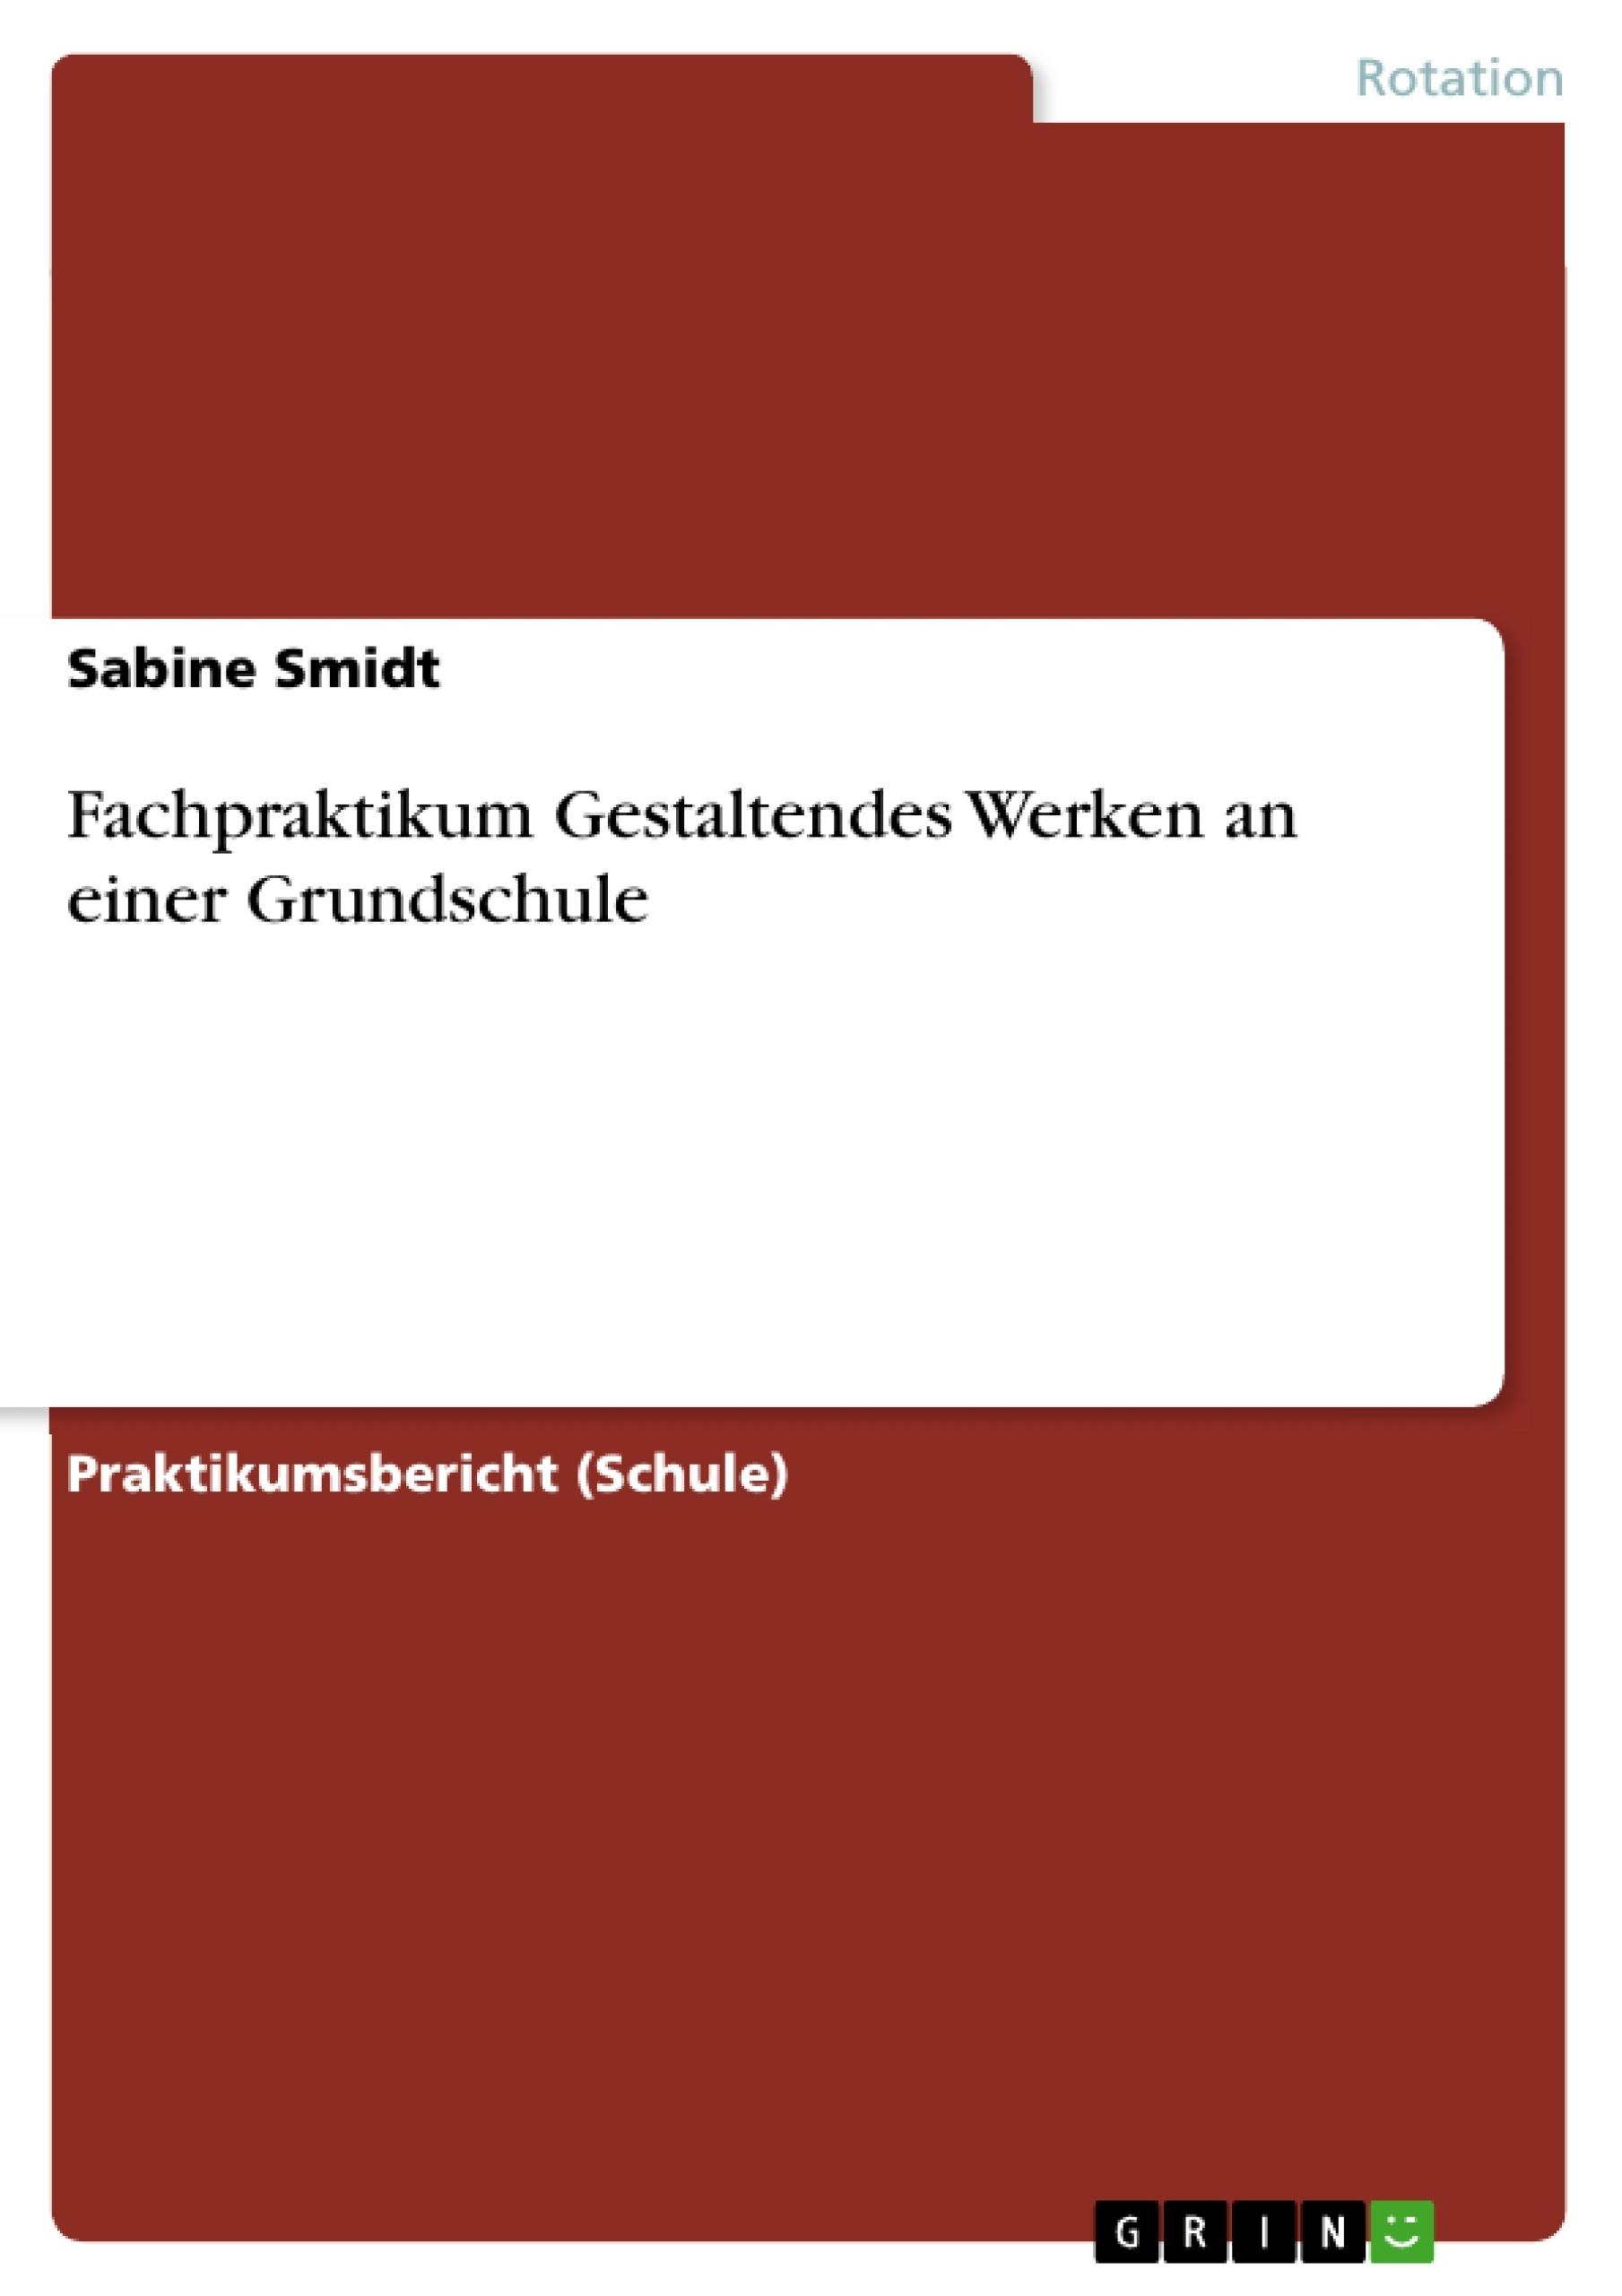 Titel: Fachpraktikum Gestaltendes Werken an einer Grundschule